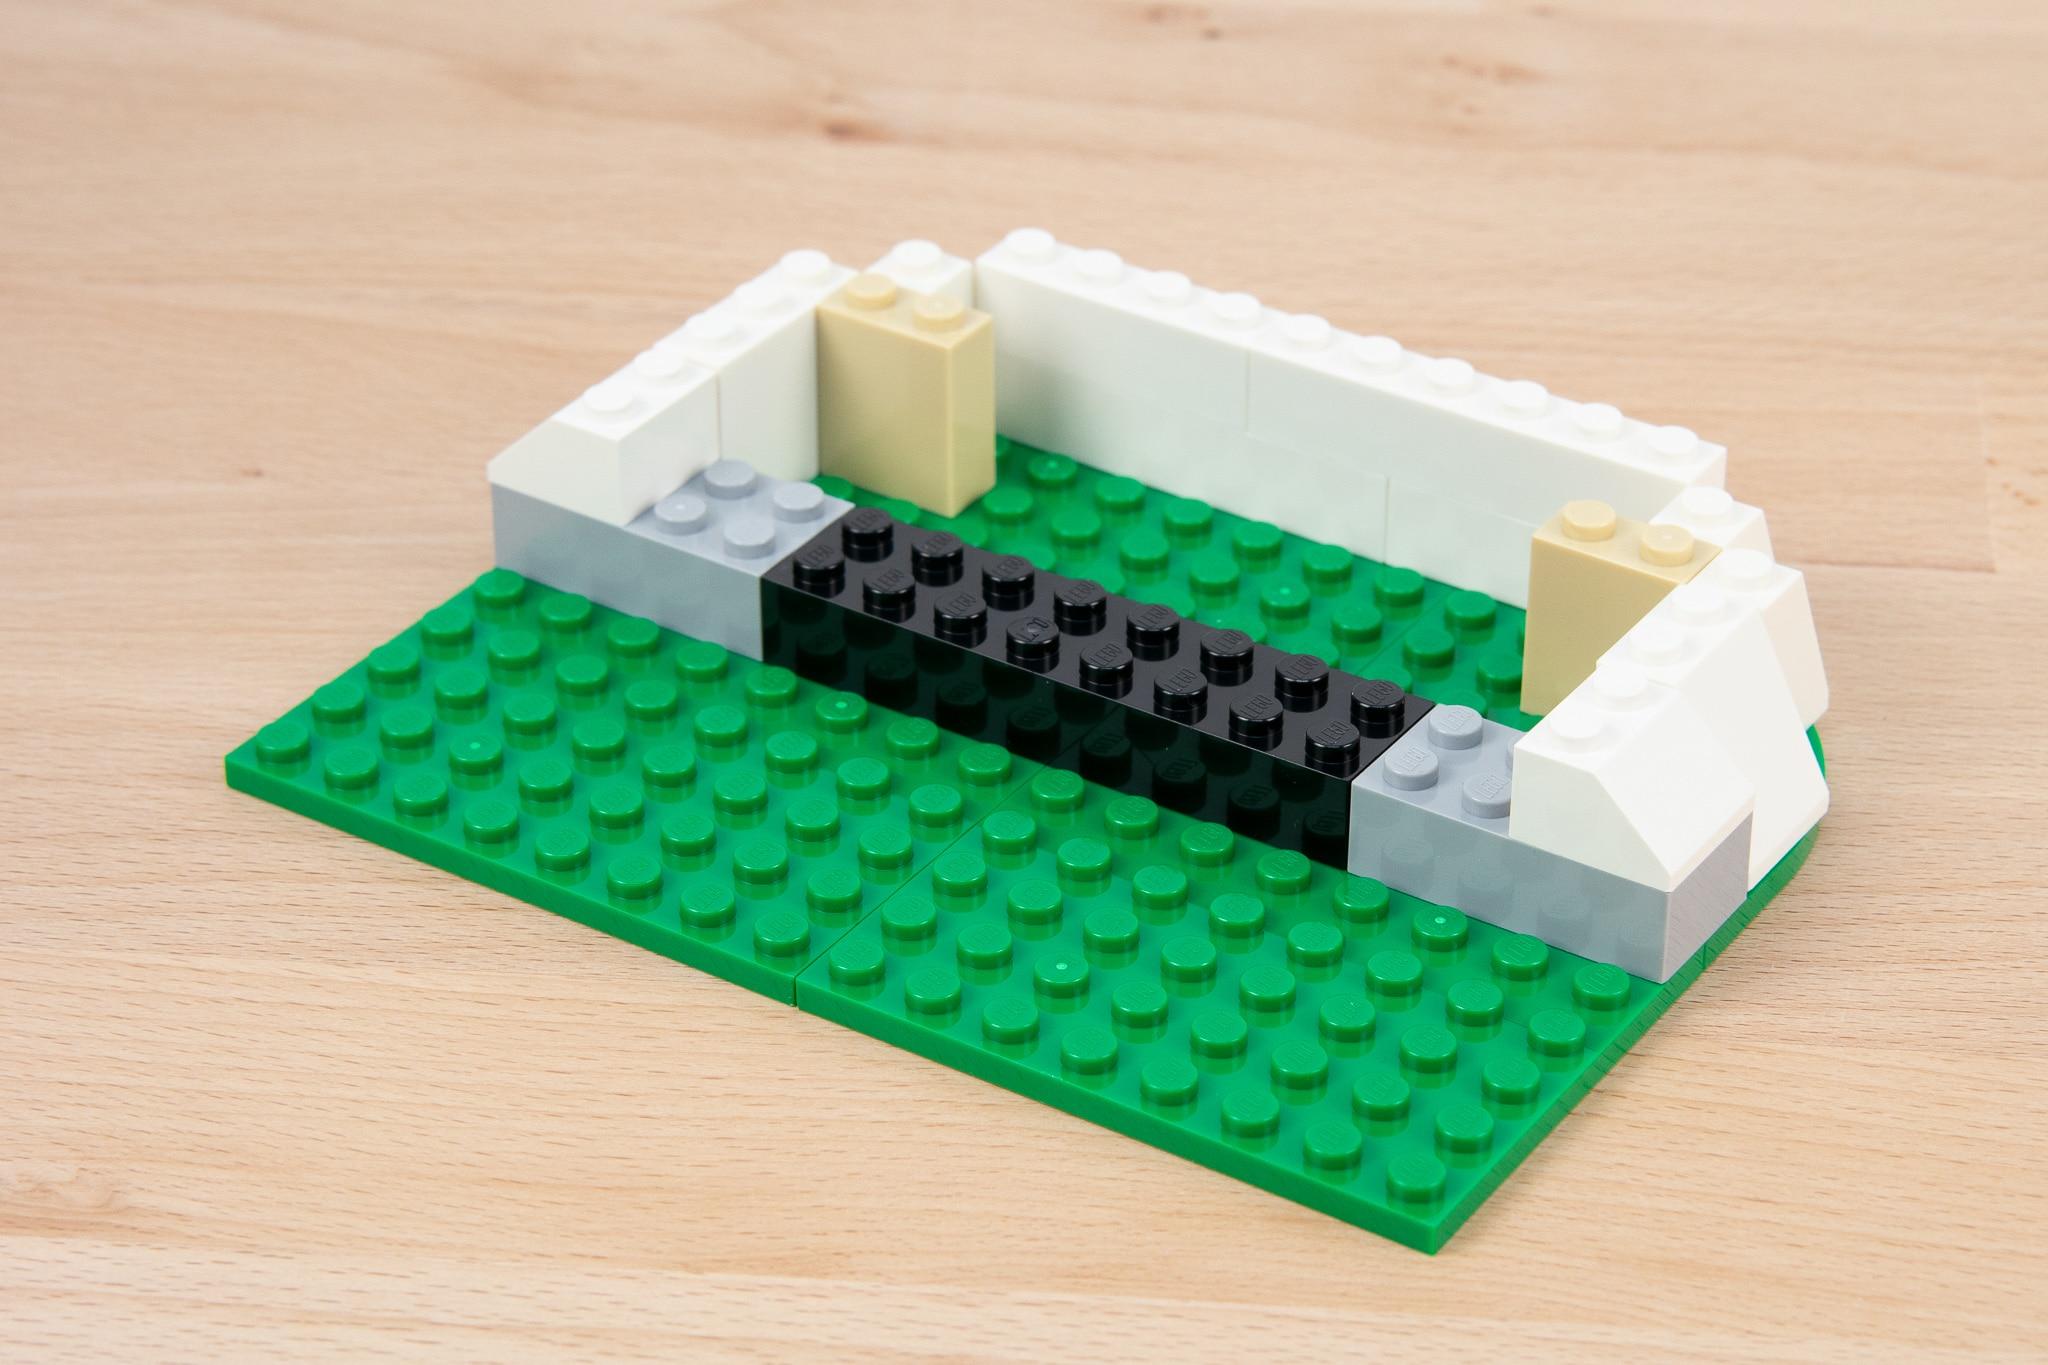 LEGO 40416 Eislaufplatz Stonewars Review (7)